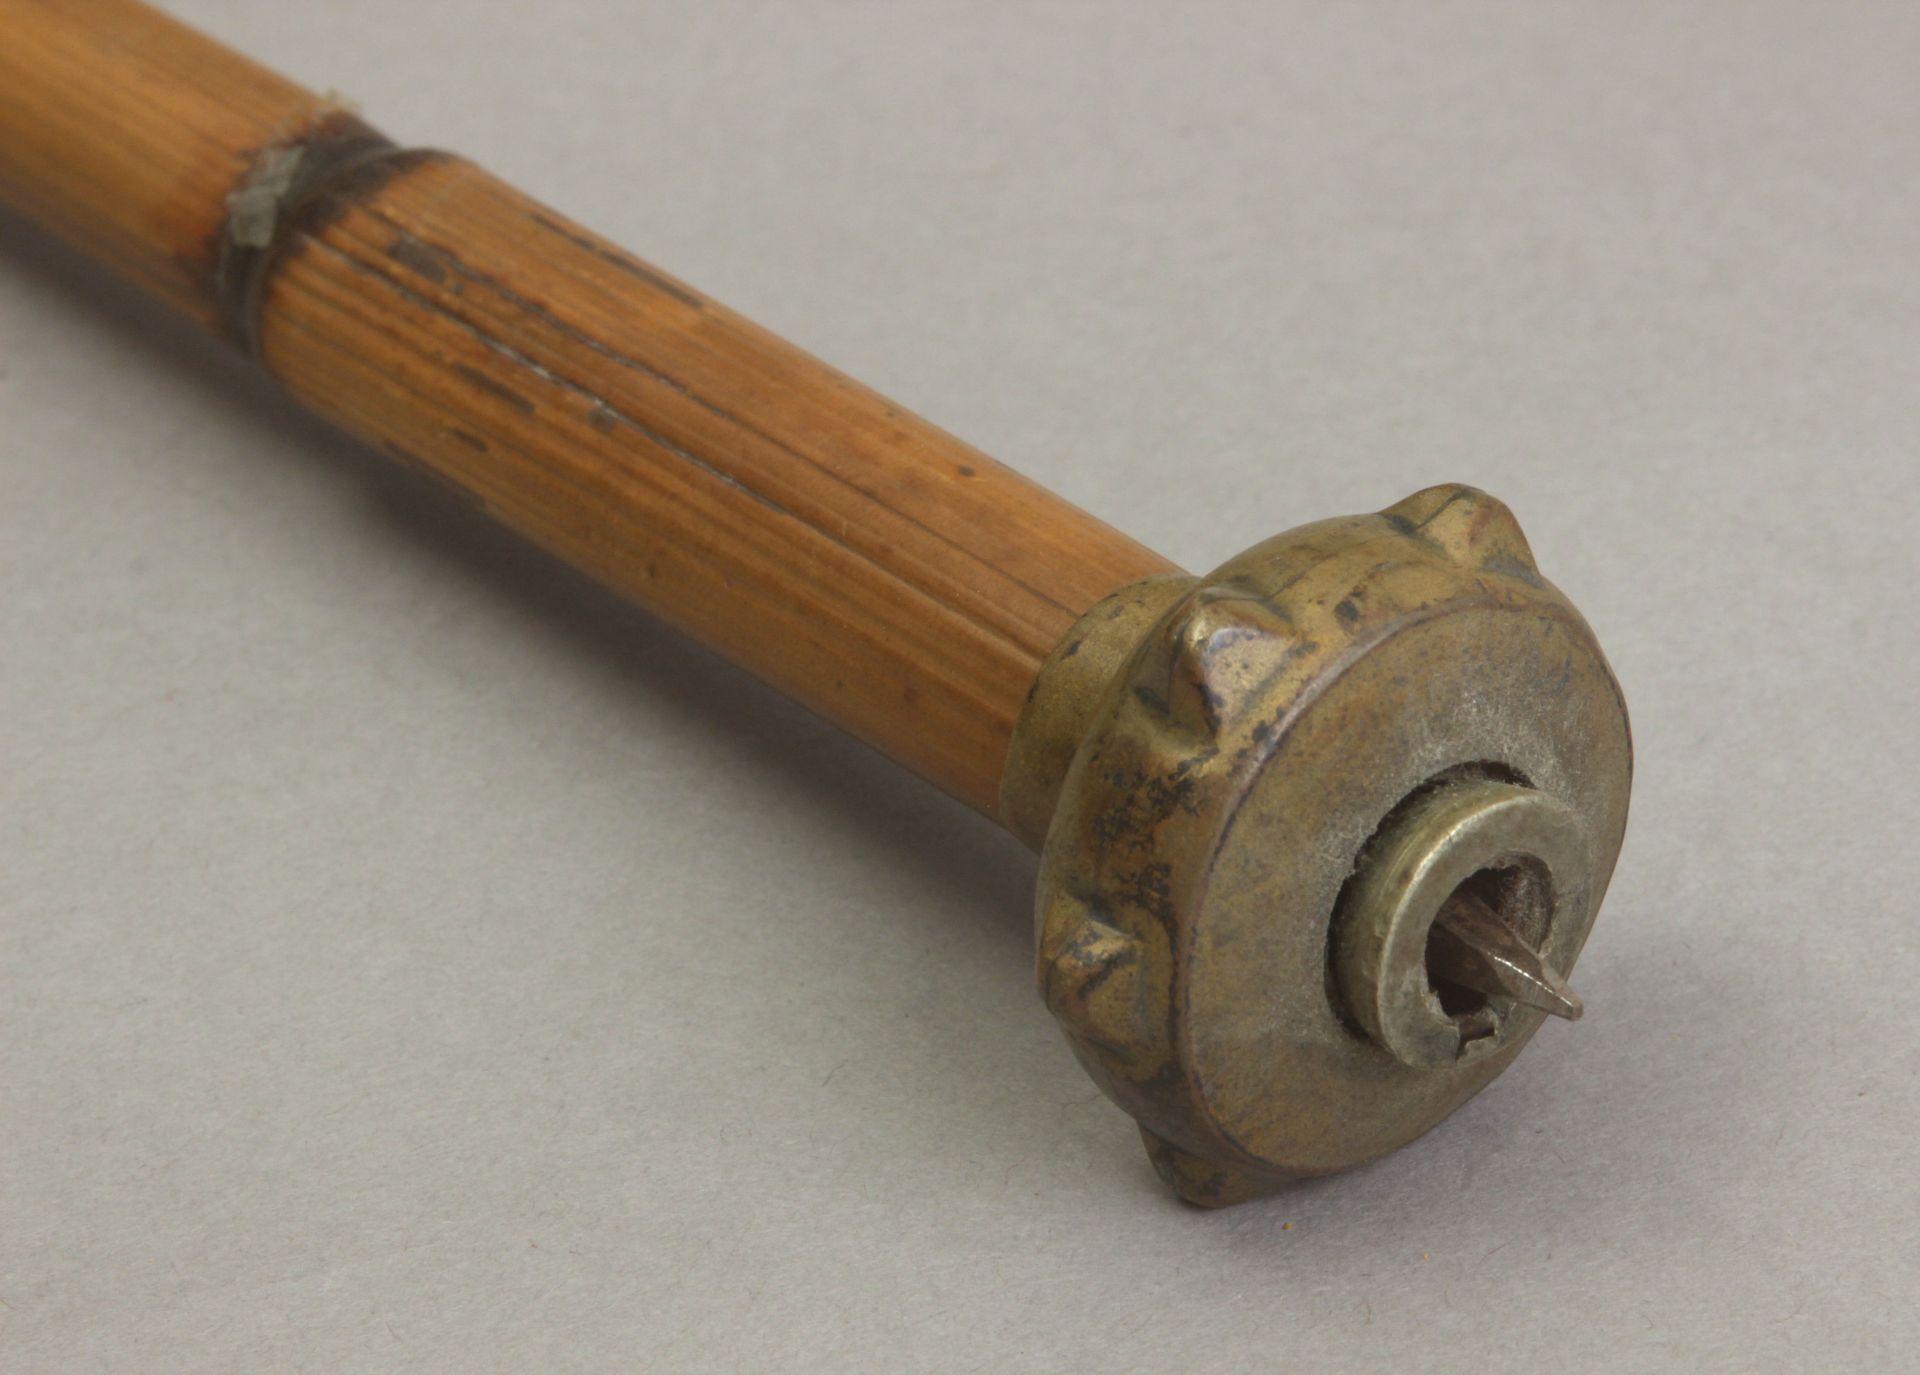 A 20th century makila style walking stick.